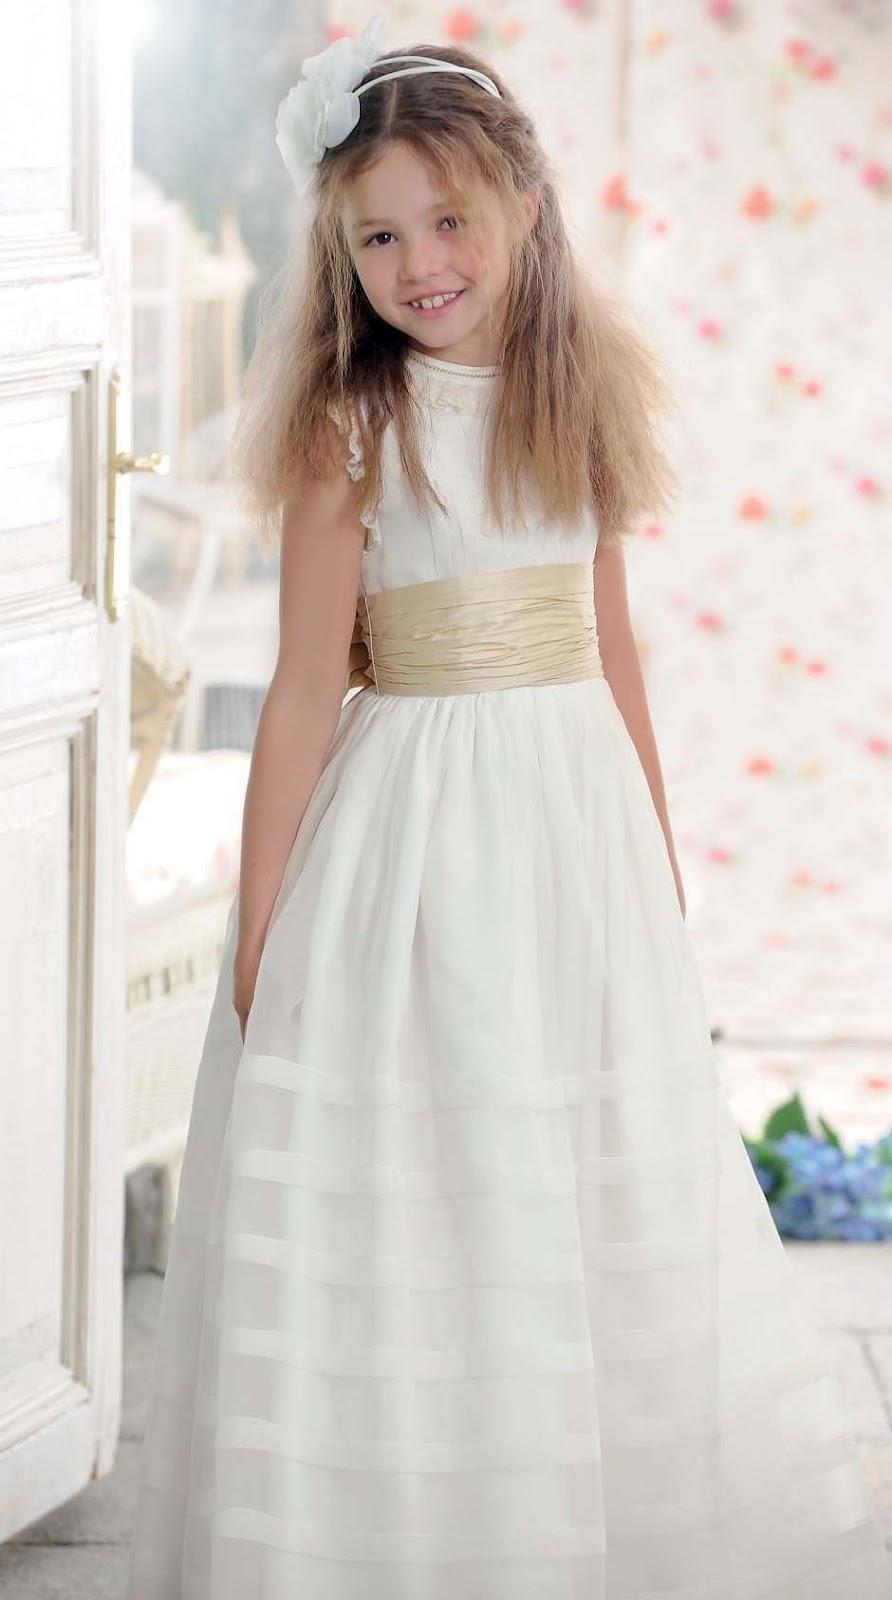 Moda adolescentes y ni os elegancia estilo primera for Estores juveniles corte ingles